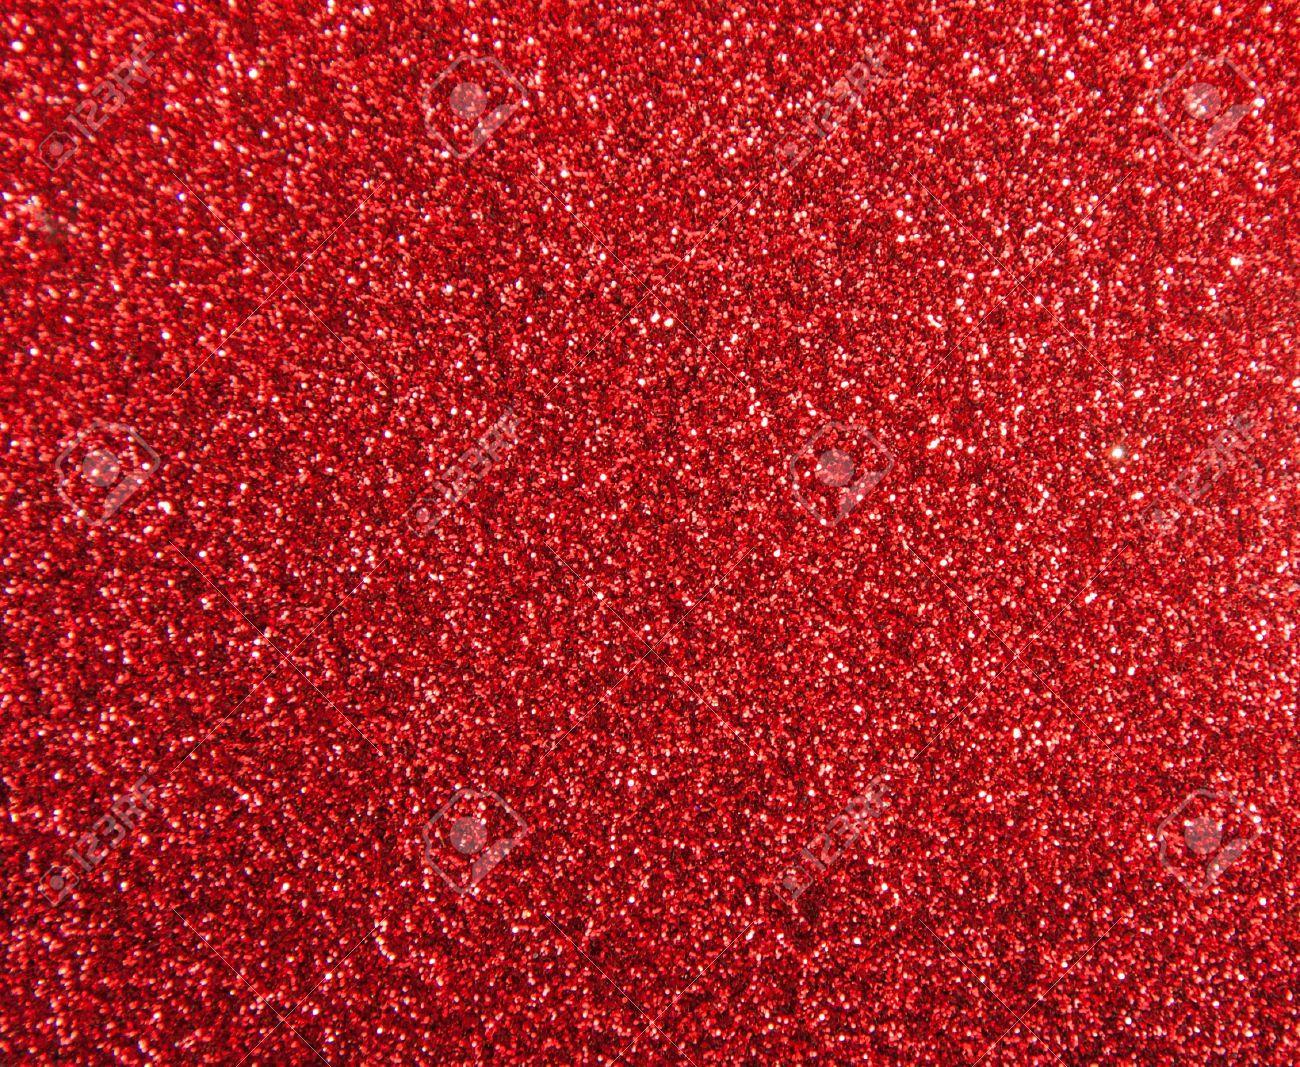 Immagini Stock Una Grossa Quantità Di Polvere Di Diamante Rosso